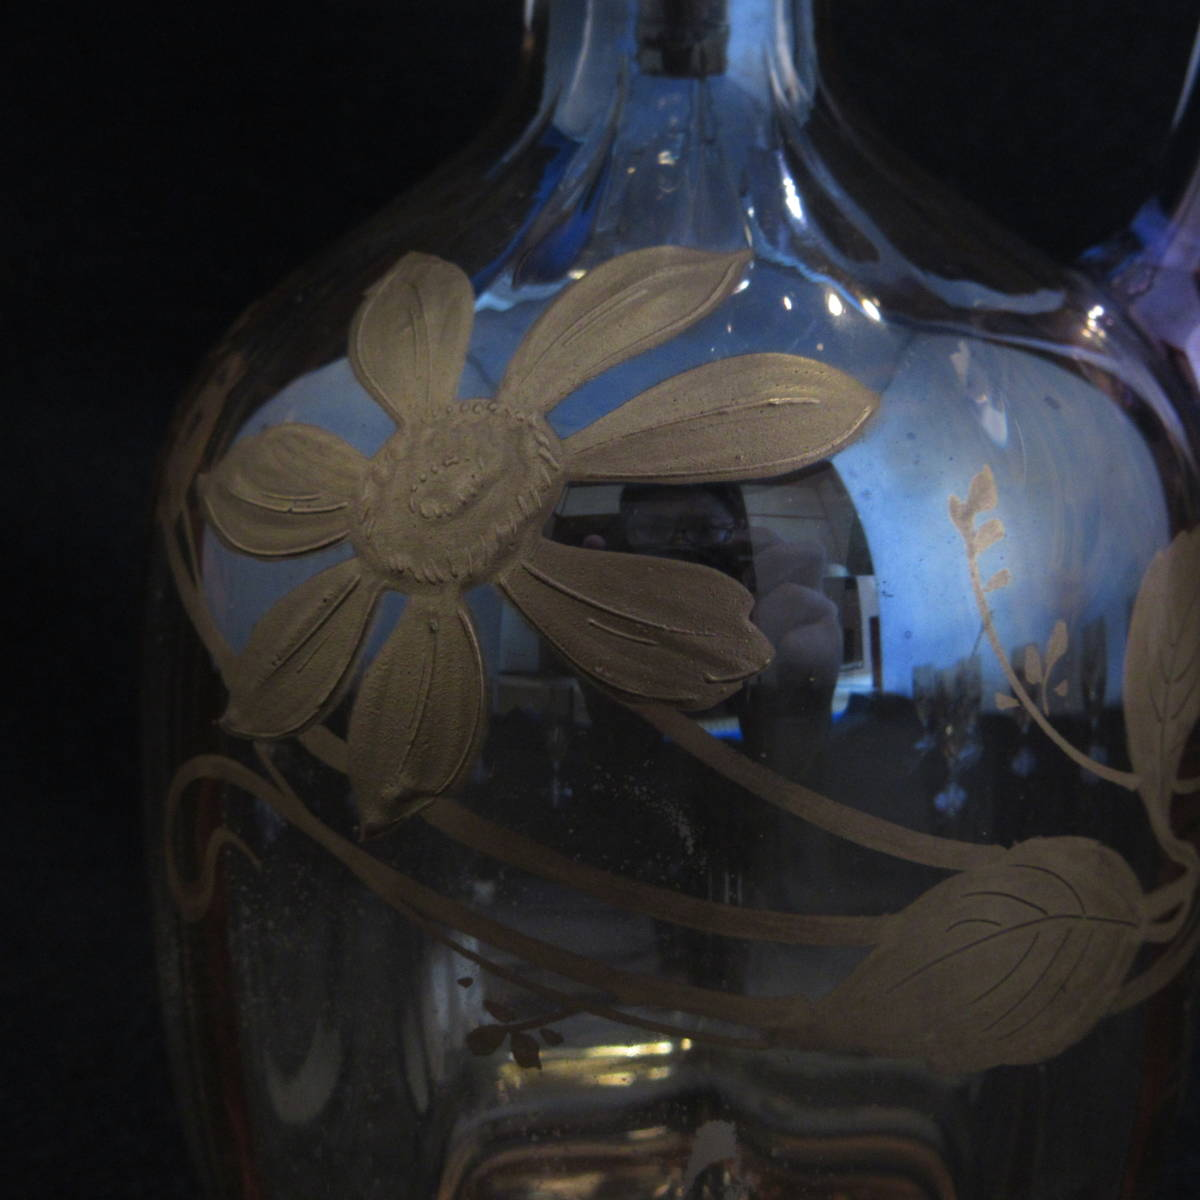 アンティークバカラ1890年頃 ラスター彩 グラス等 12点セット_画像4